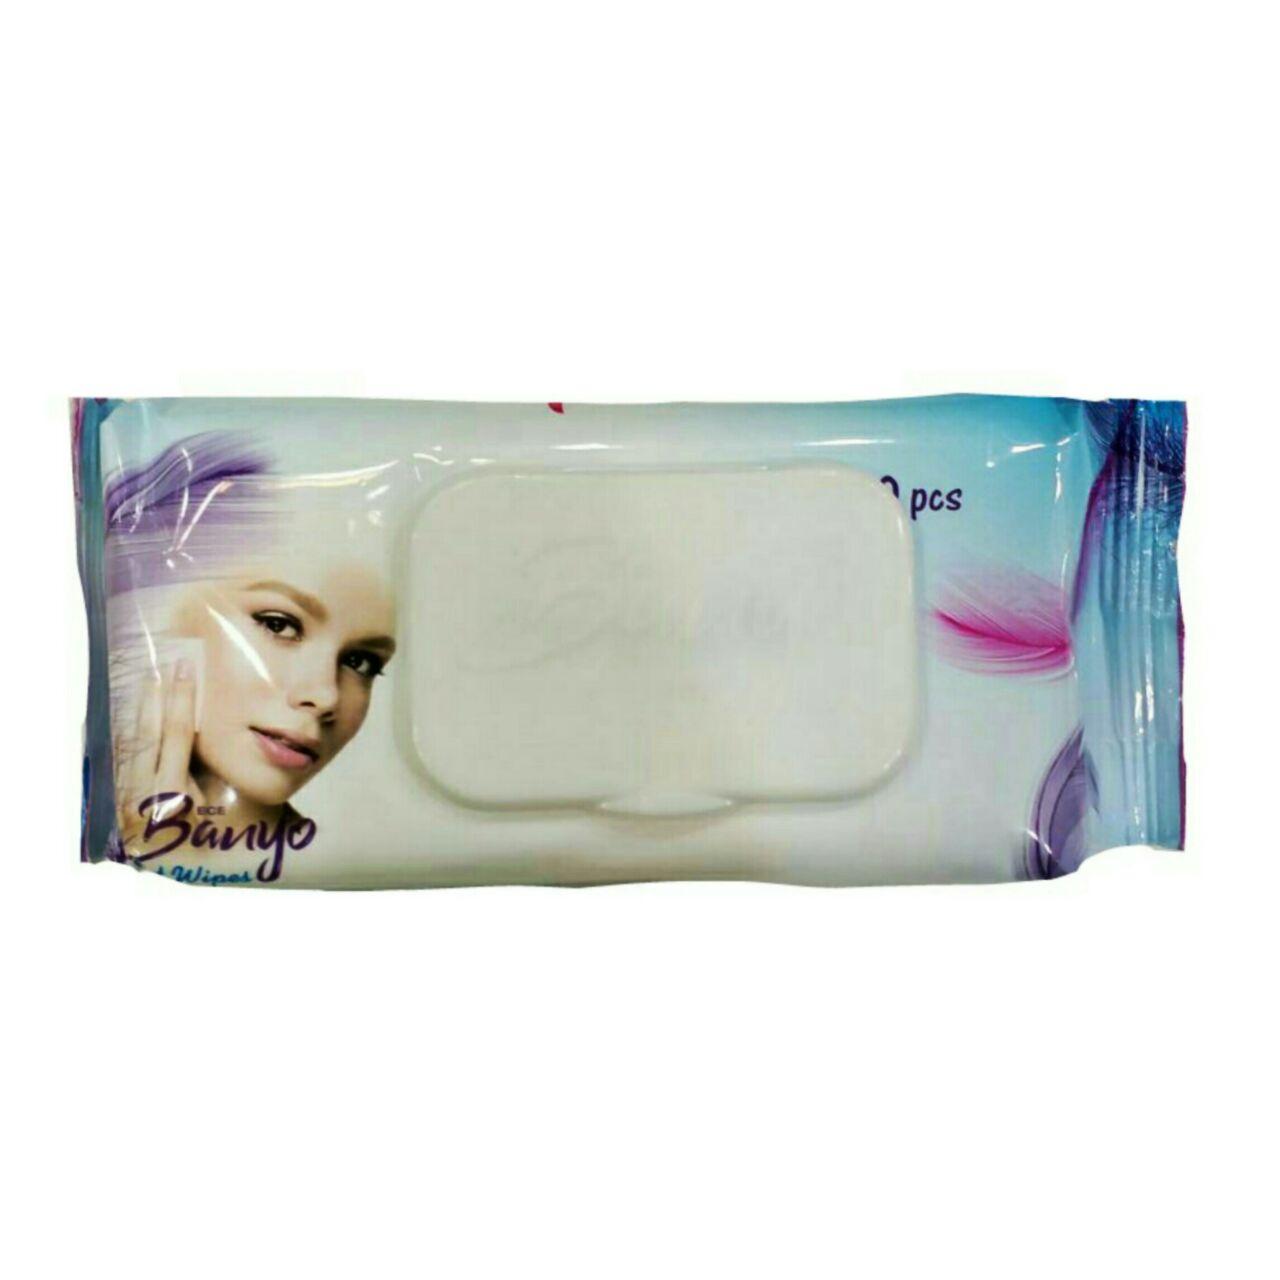 دستمال مرطوب پاک کننده آرایش بانیو مدل make up بسته 60 عددی